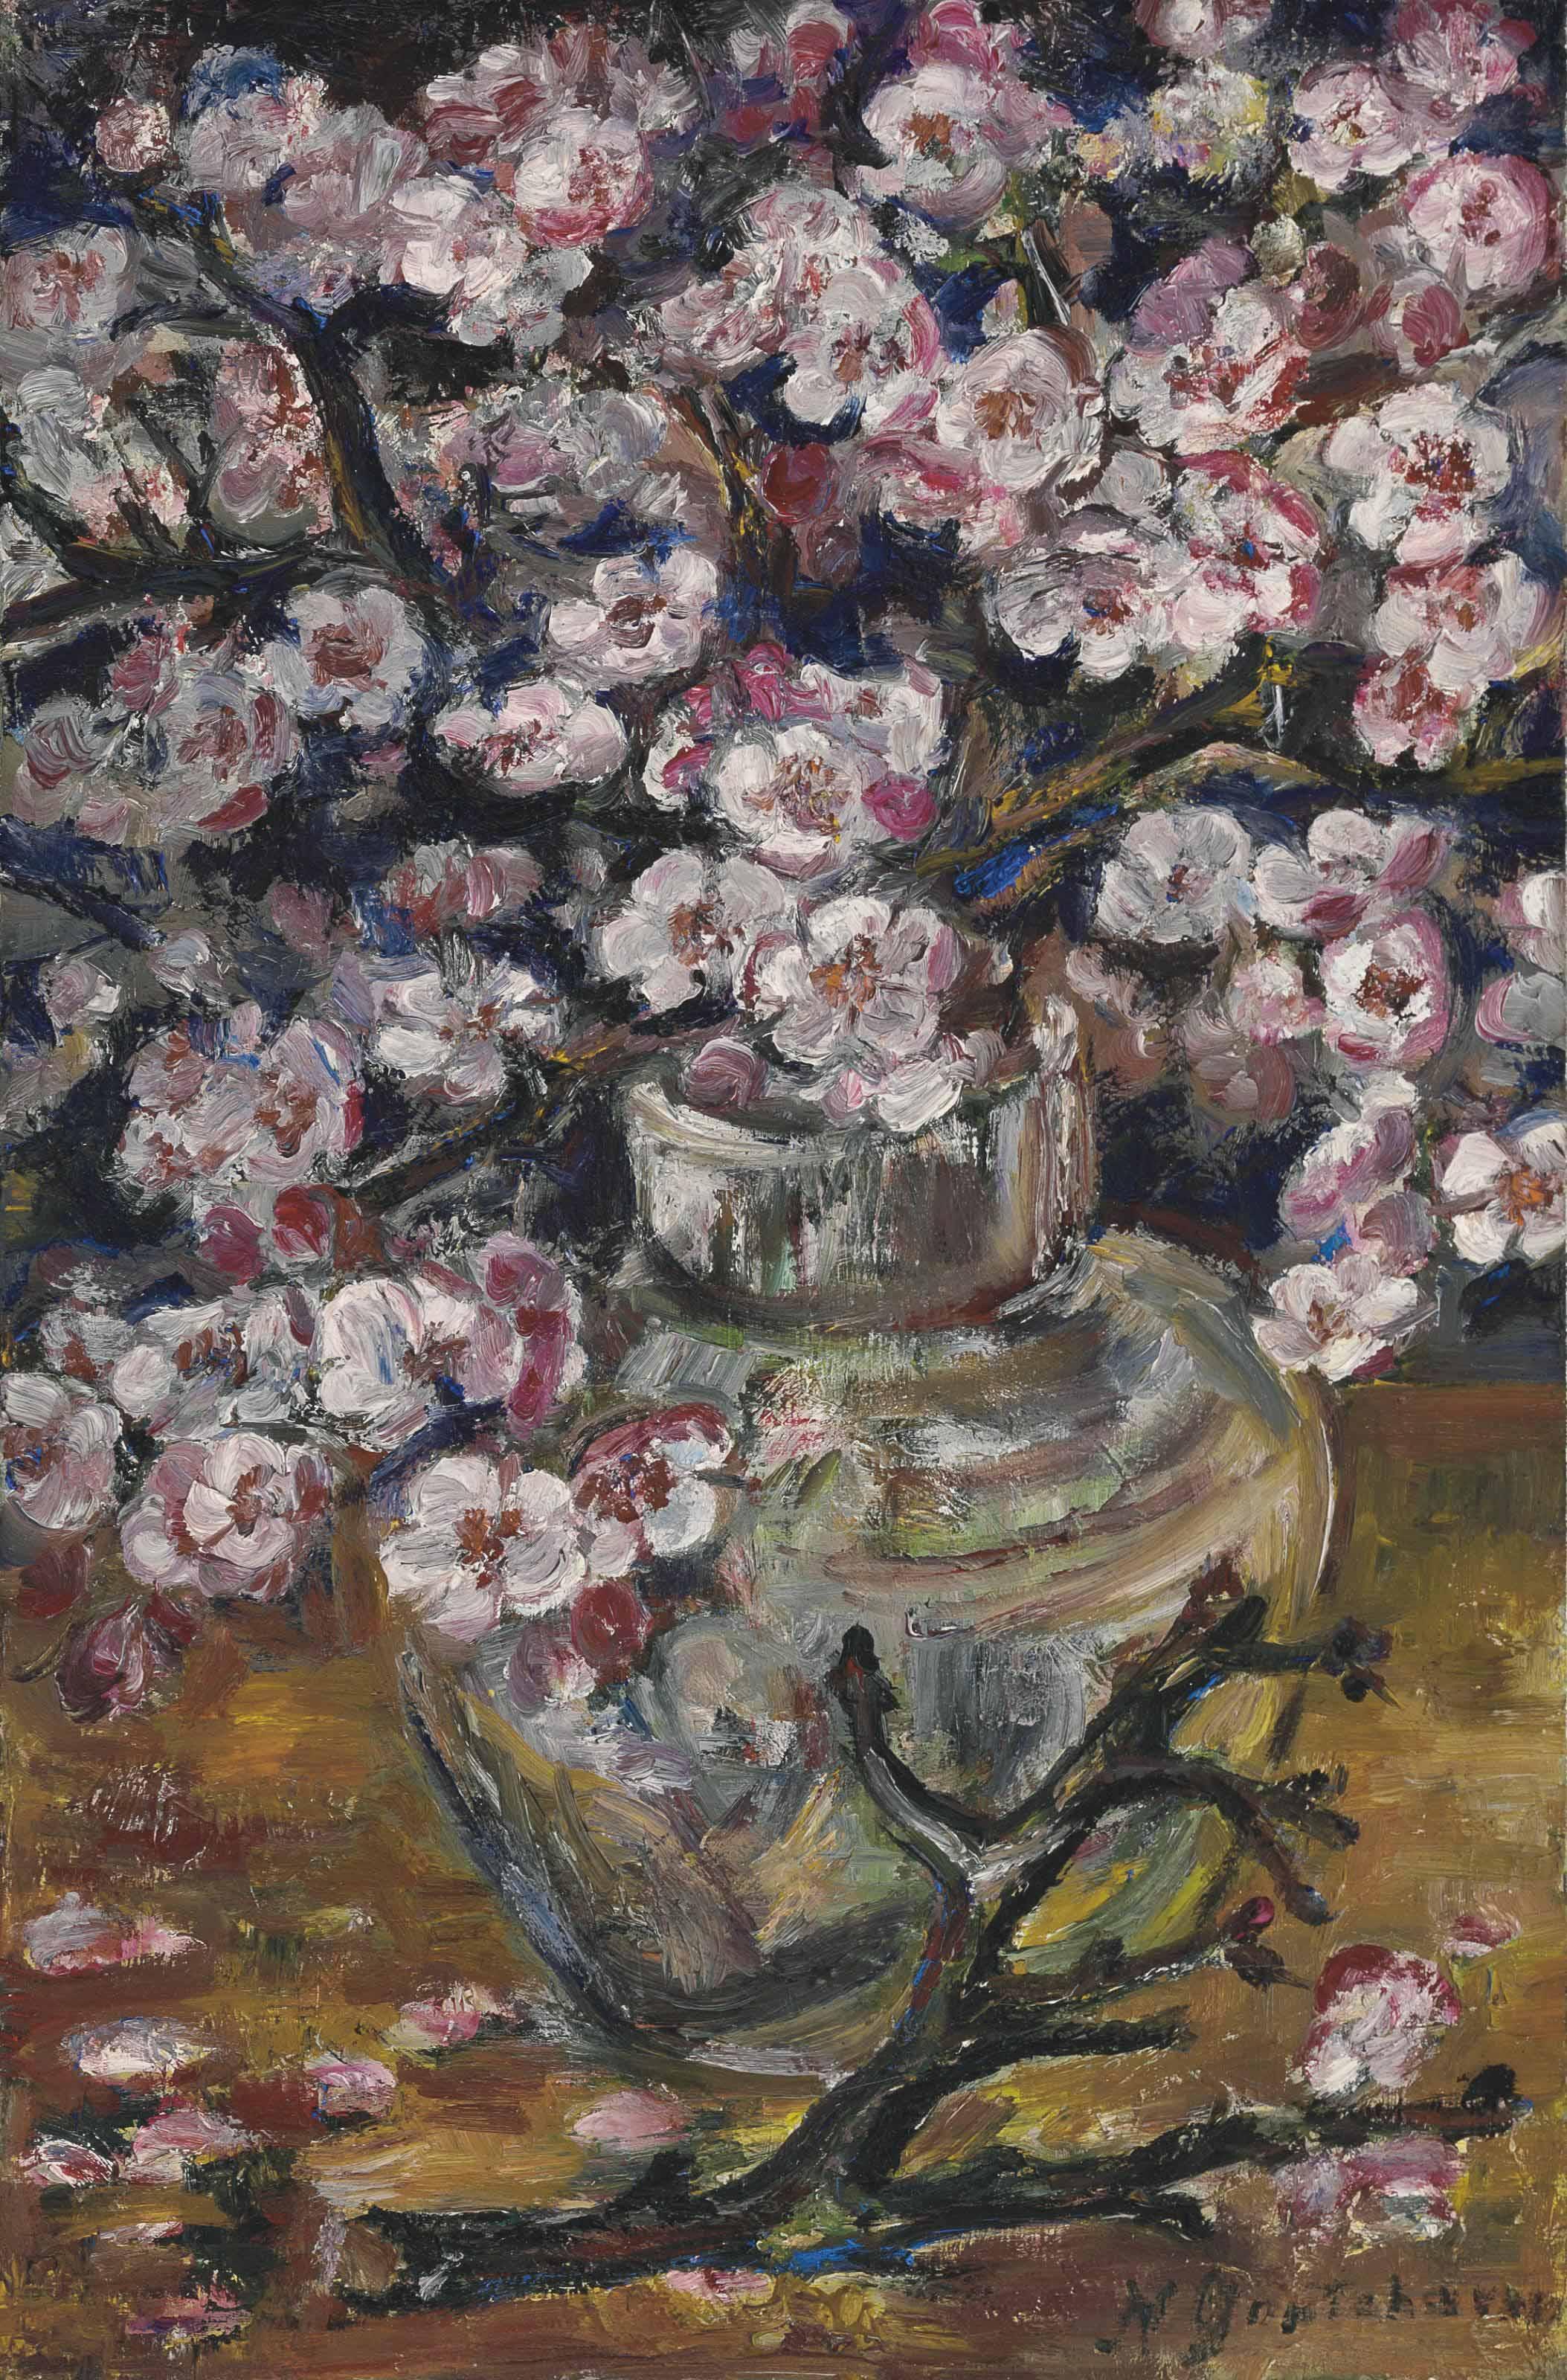 Natalia Goncharova (1881-1962) Cherry blossoms in a vase